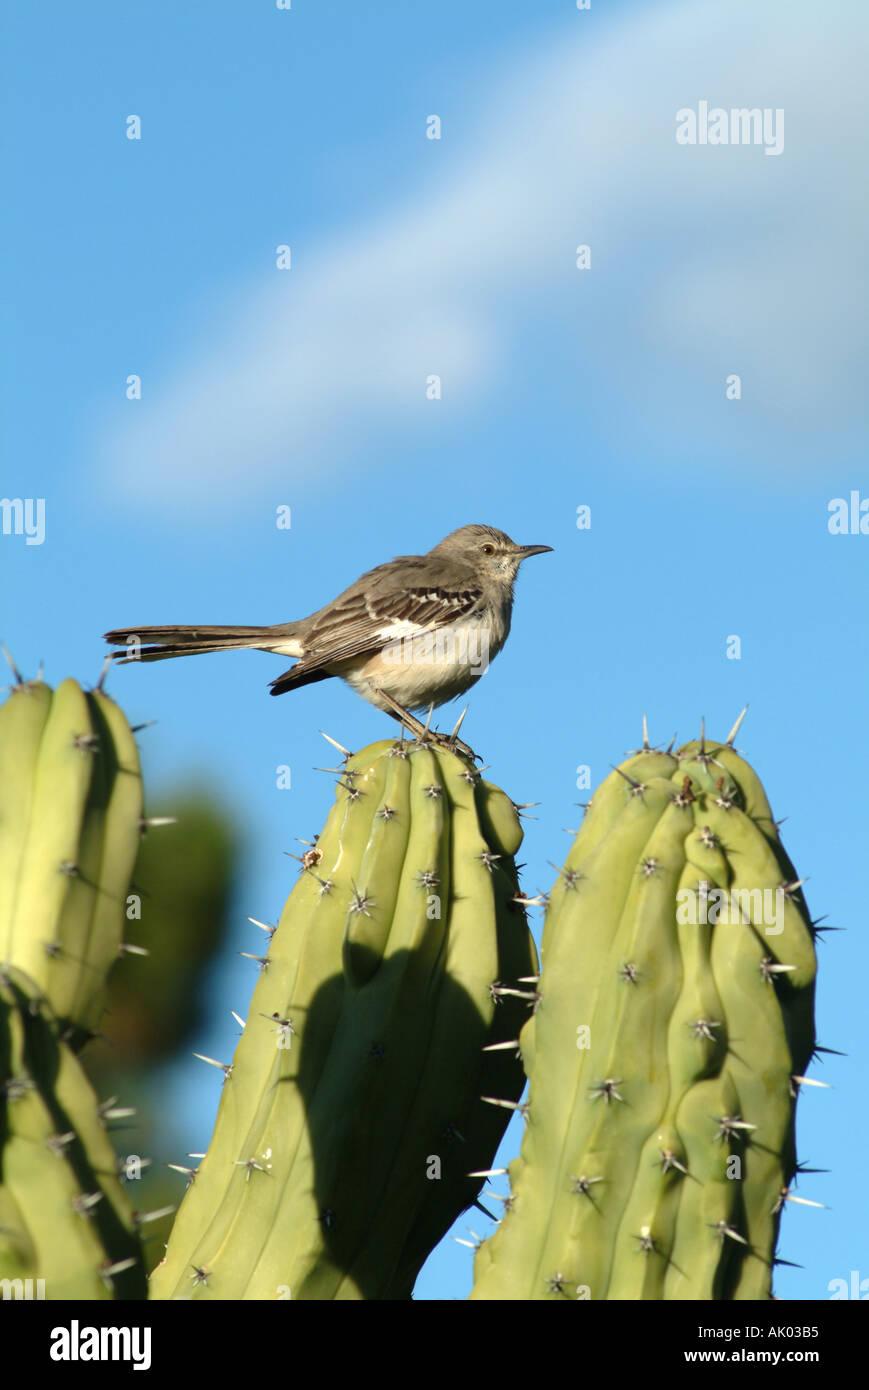 Northern Mocking Bird on Cactus at Scottsdale Arizona USA United States America USA - Stock Image